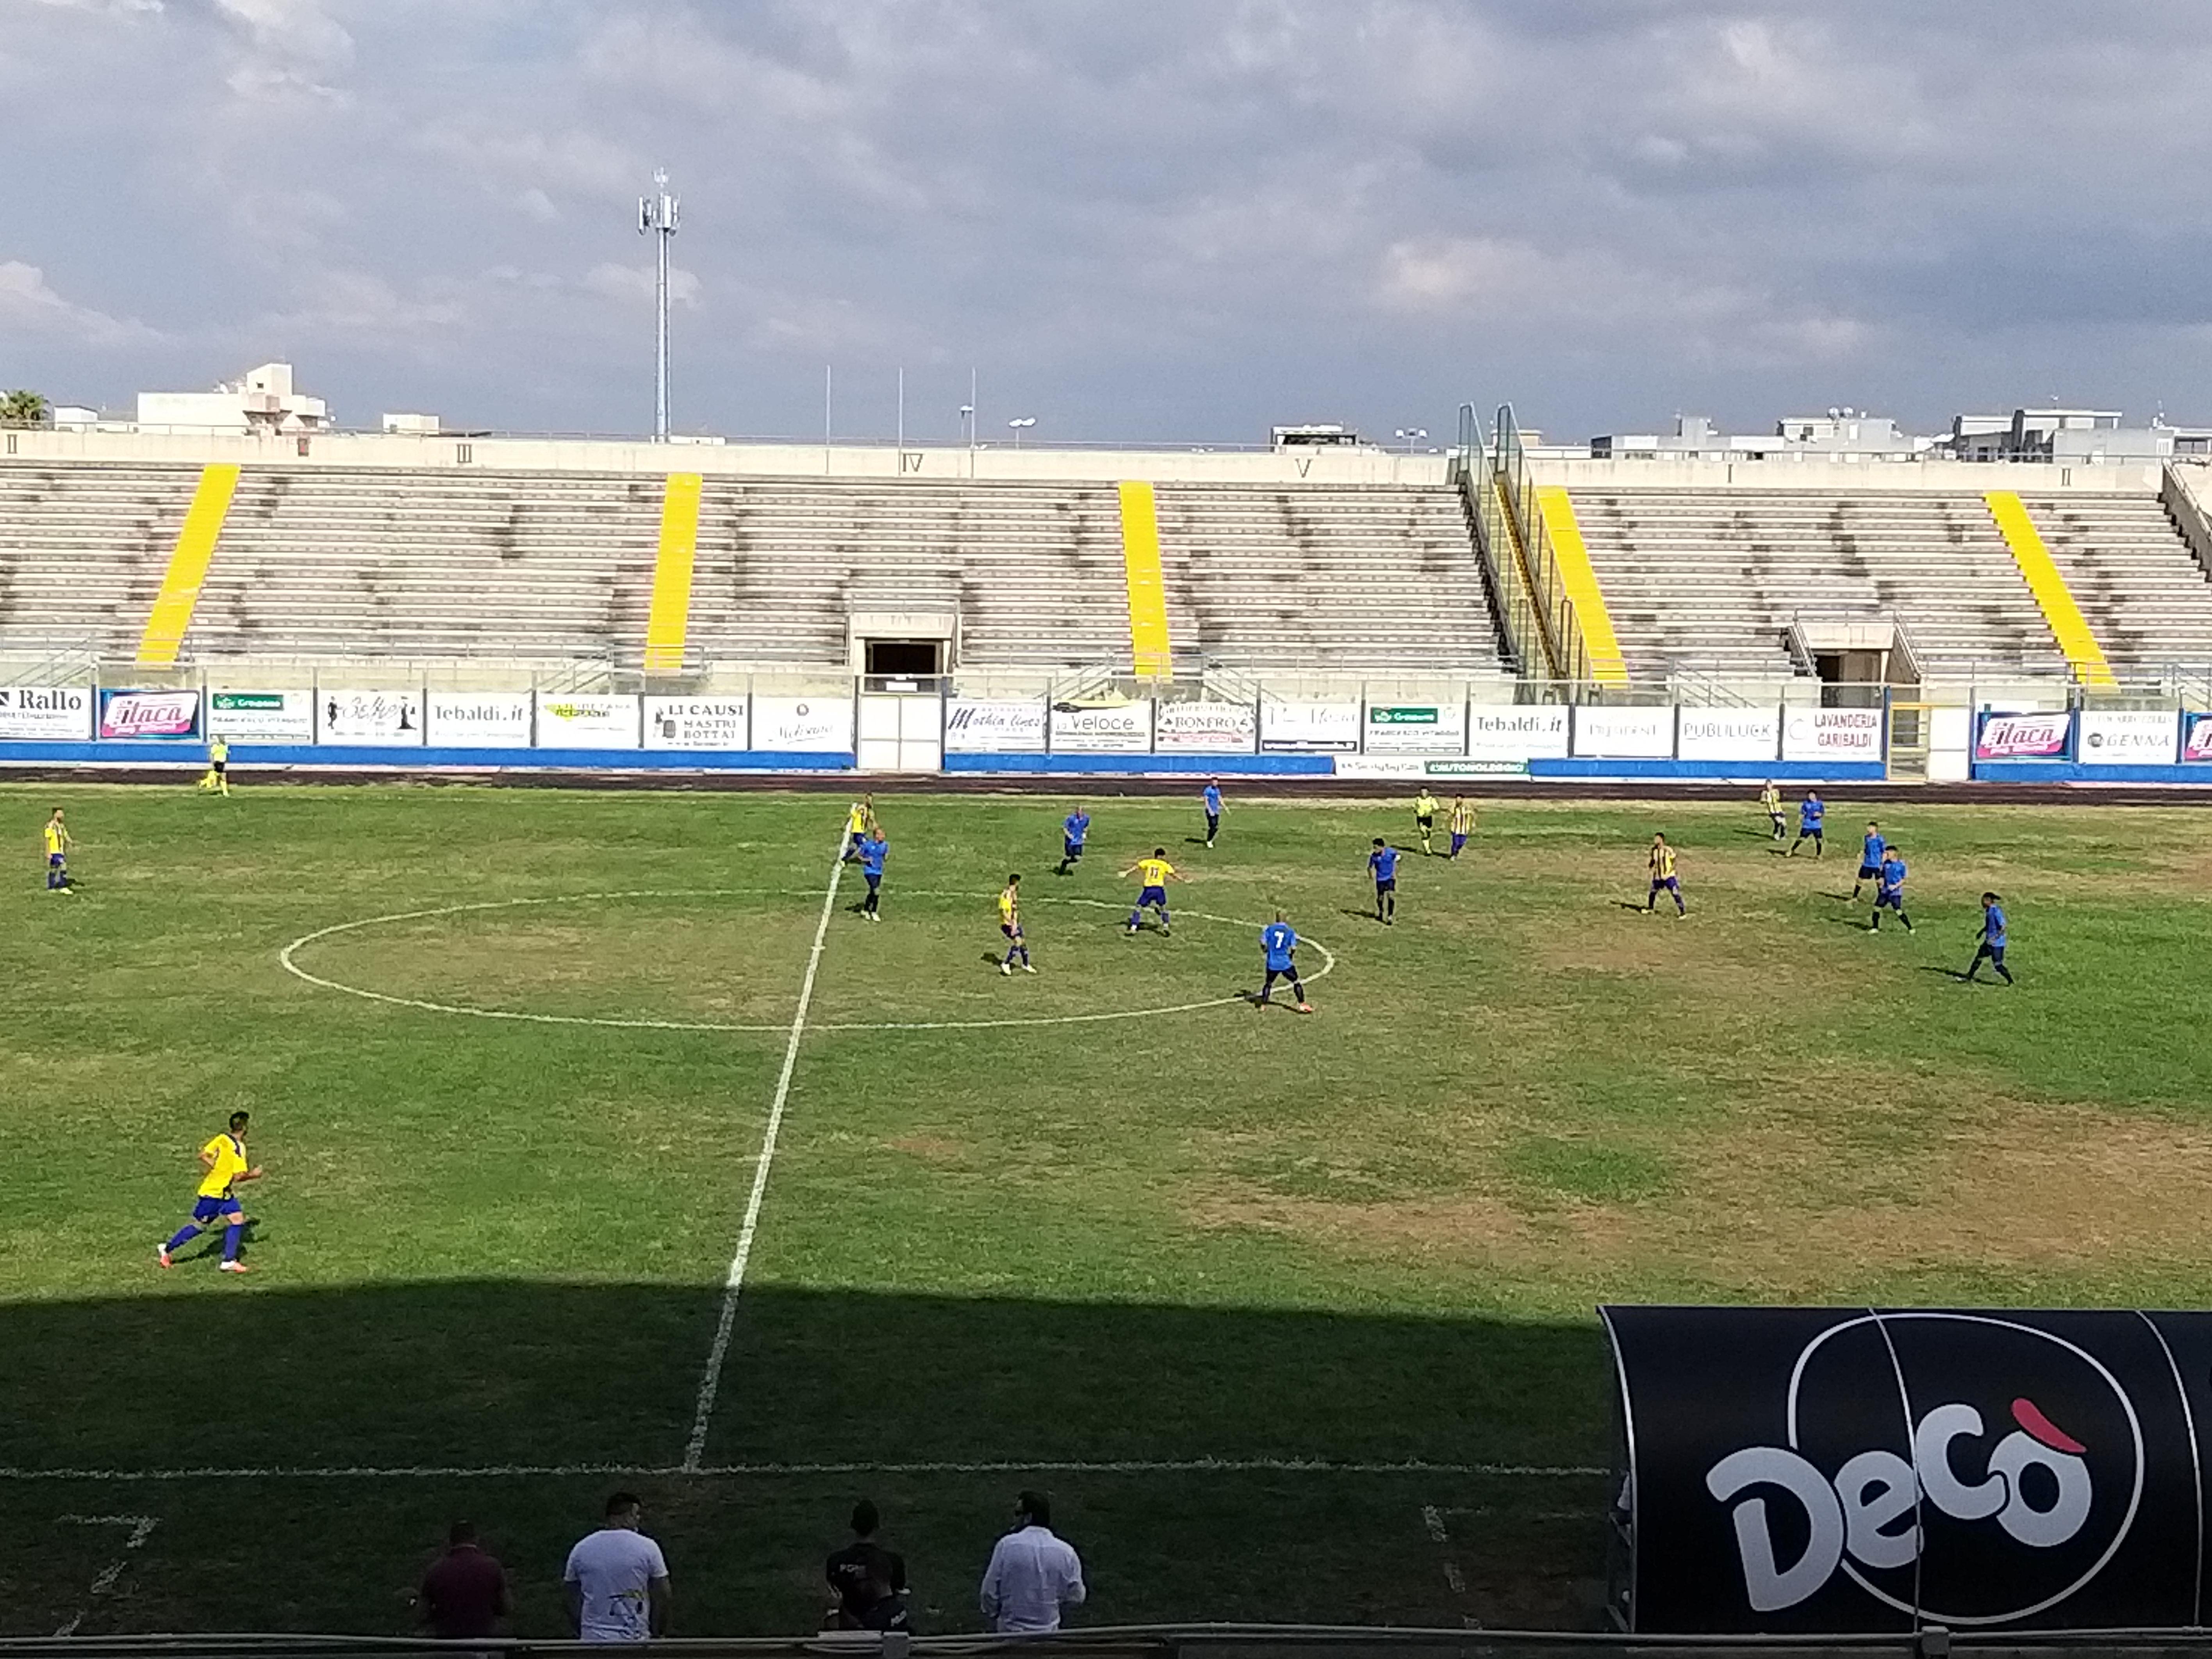 Coppa Italia gara di andata: MARSALA - MAZARA 0-3 i canarini vincono e ipotecano il passaggio del turno